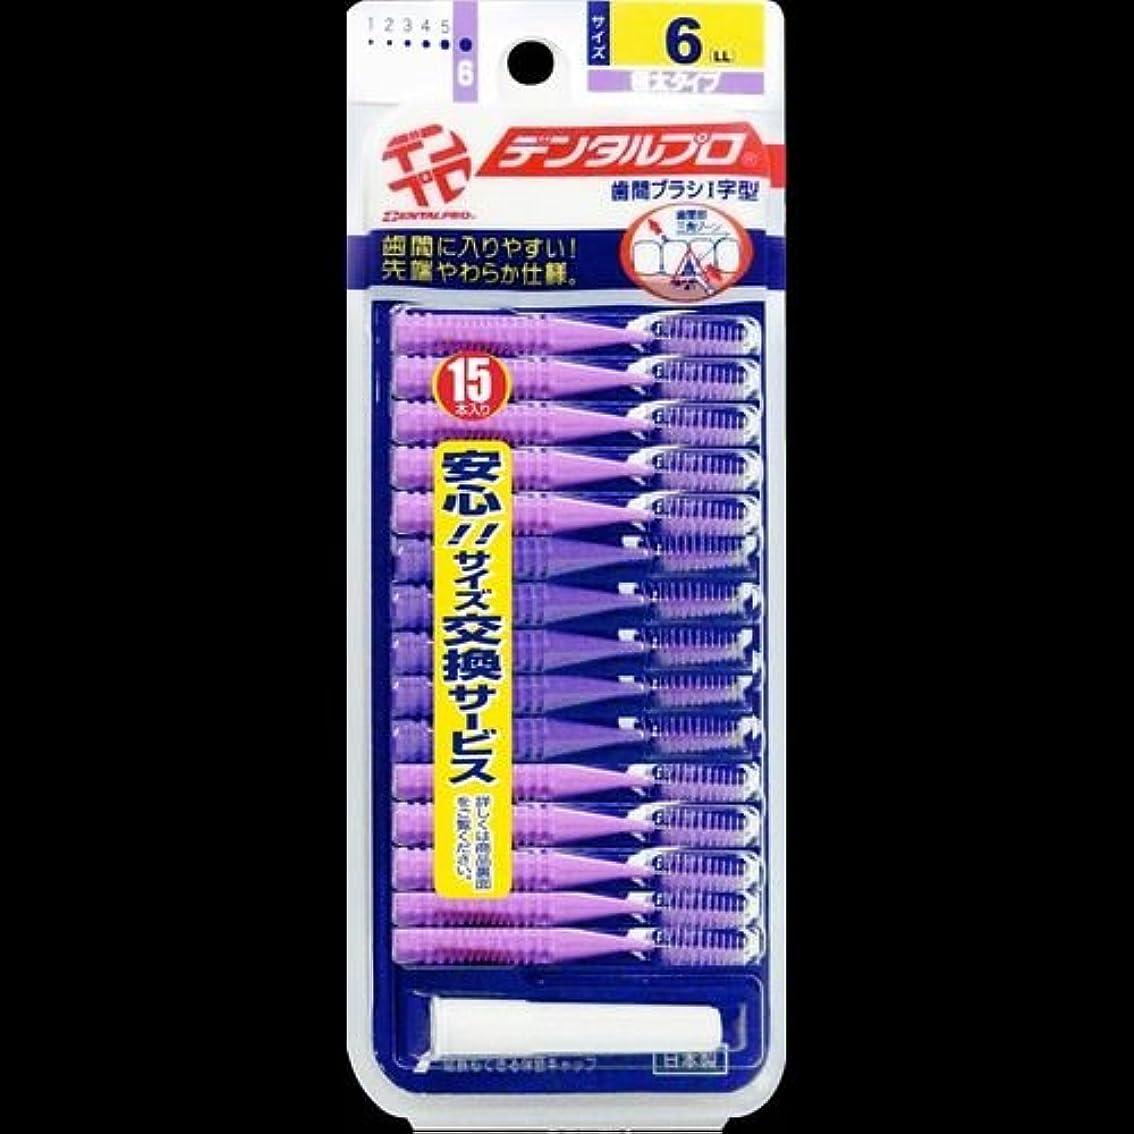 ミリメートルまばたきループデンタルプロ 歯間ブラシ 15本入 サイズ6(LL) ×2セット